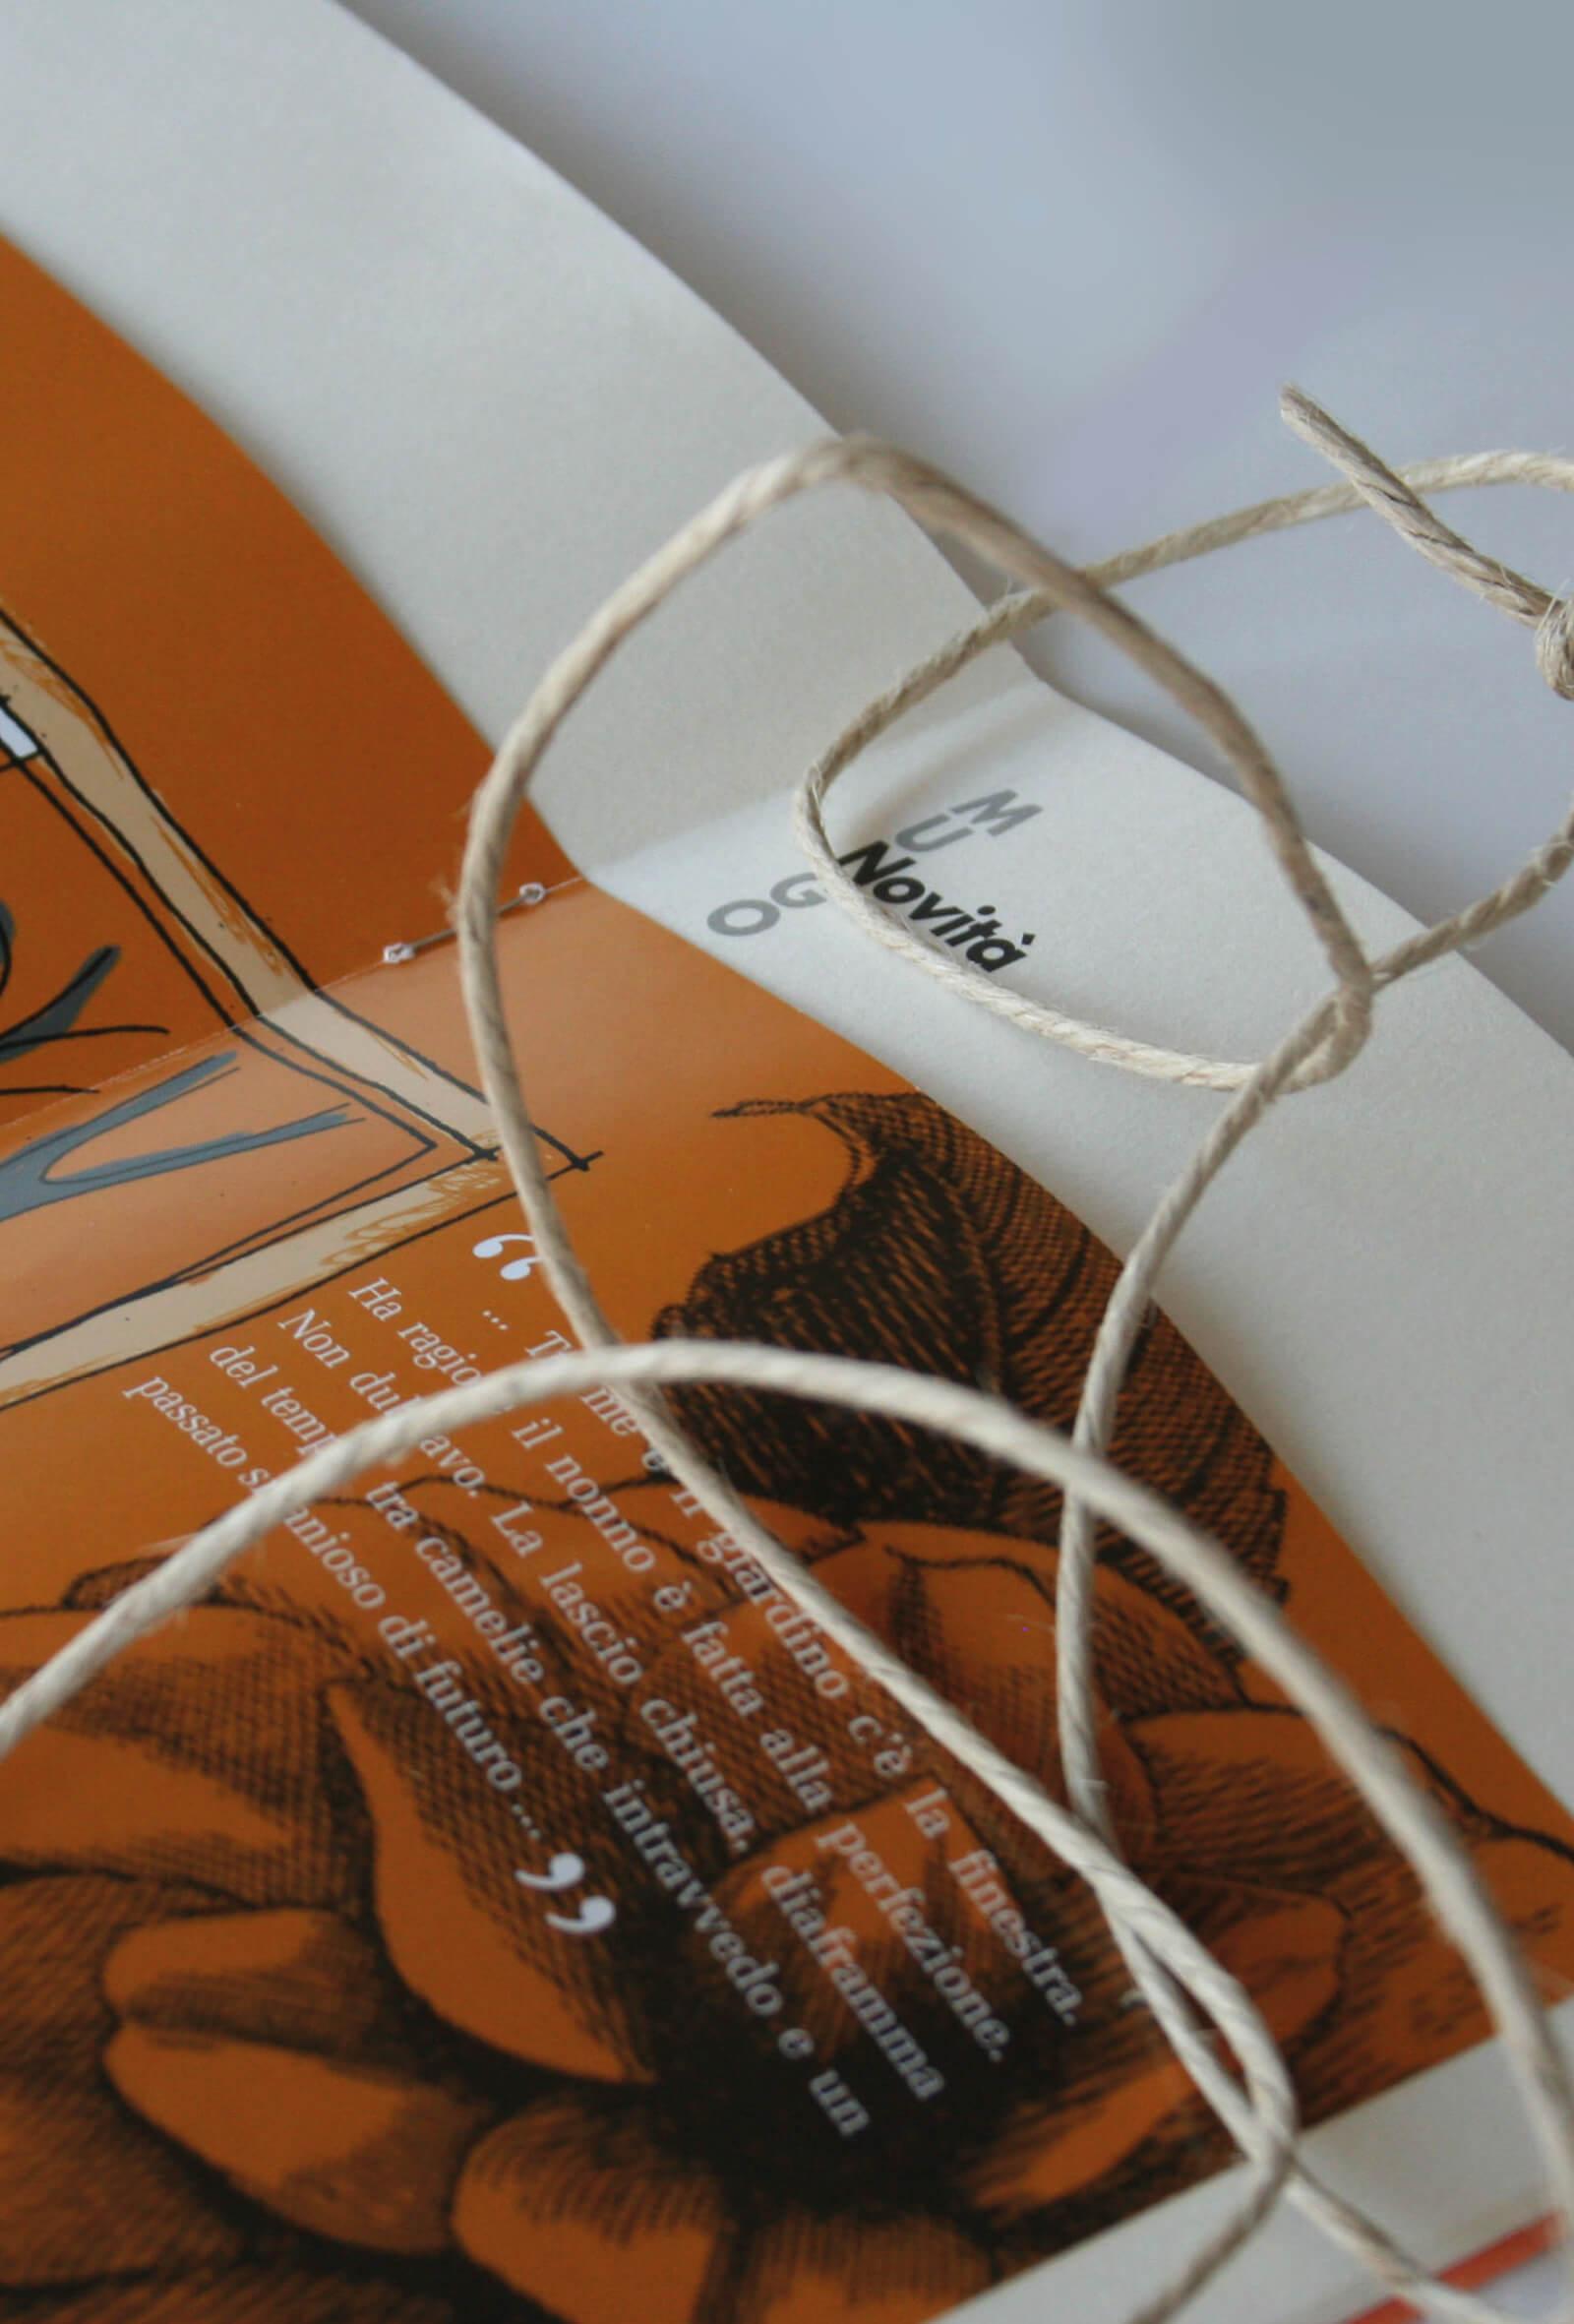 illustrazione per libretto -quel piccolo cosmo- dettaglio pagine interne e rilegatura. Storytelling di Fabio Turchini e illustrazioni da Laura Marcolini per Diadestudio, Trento.